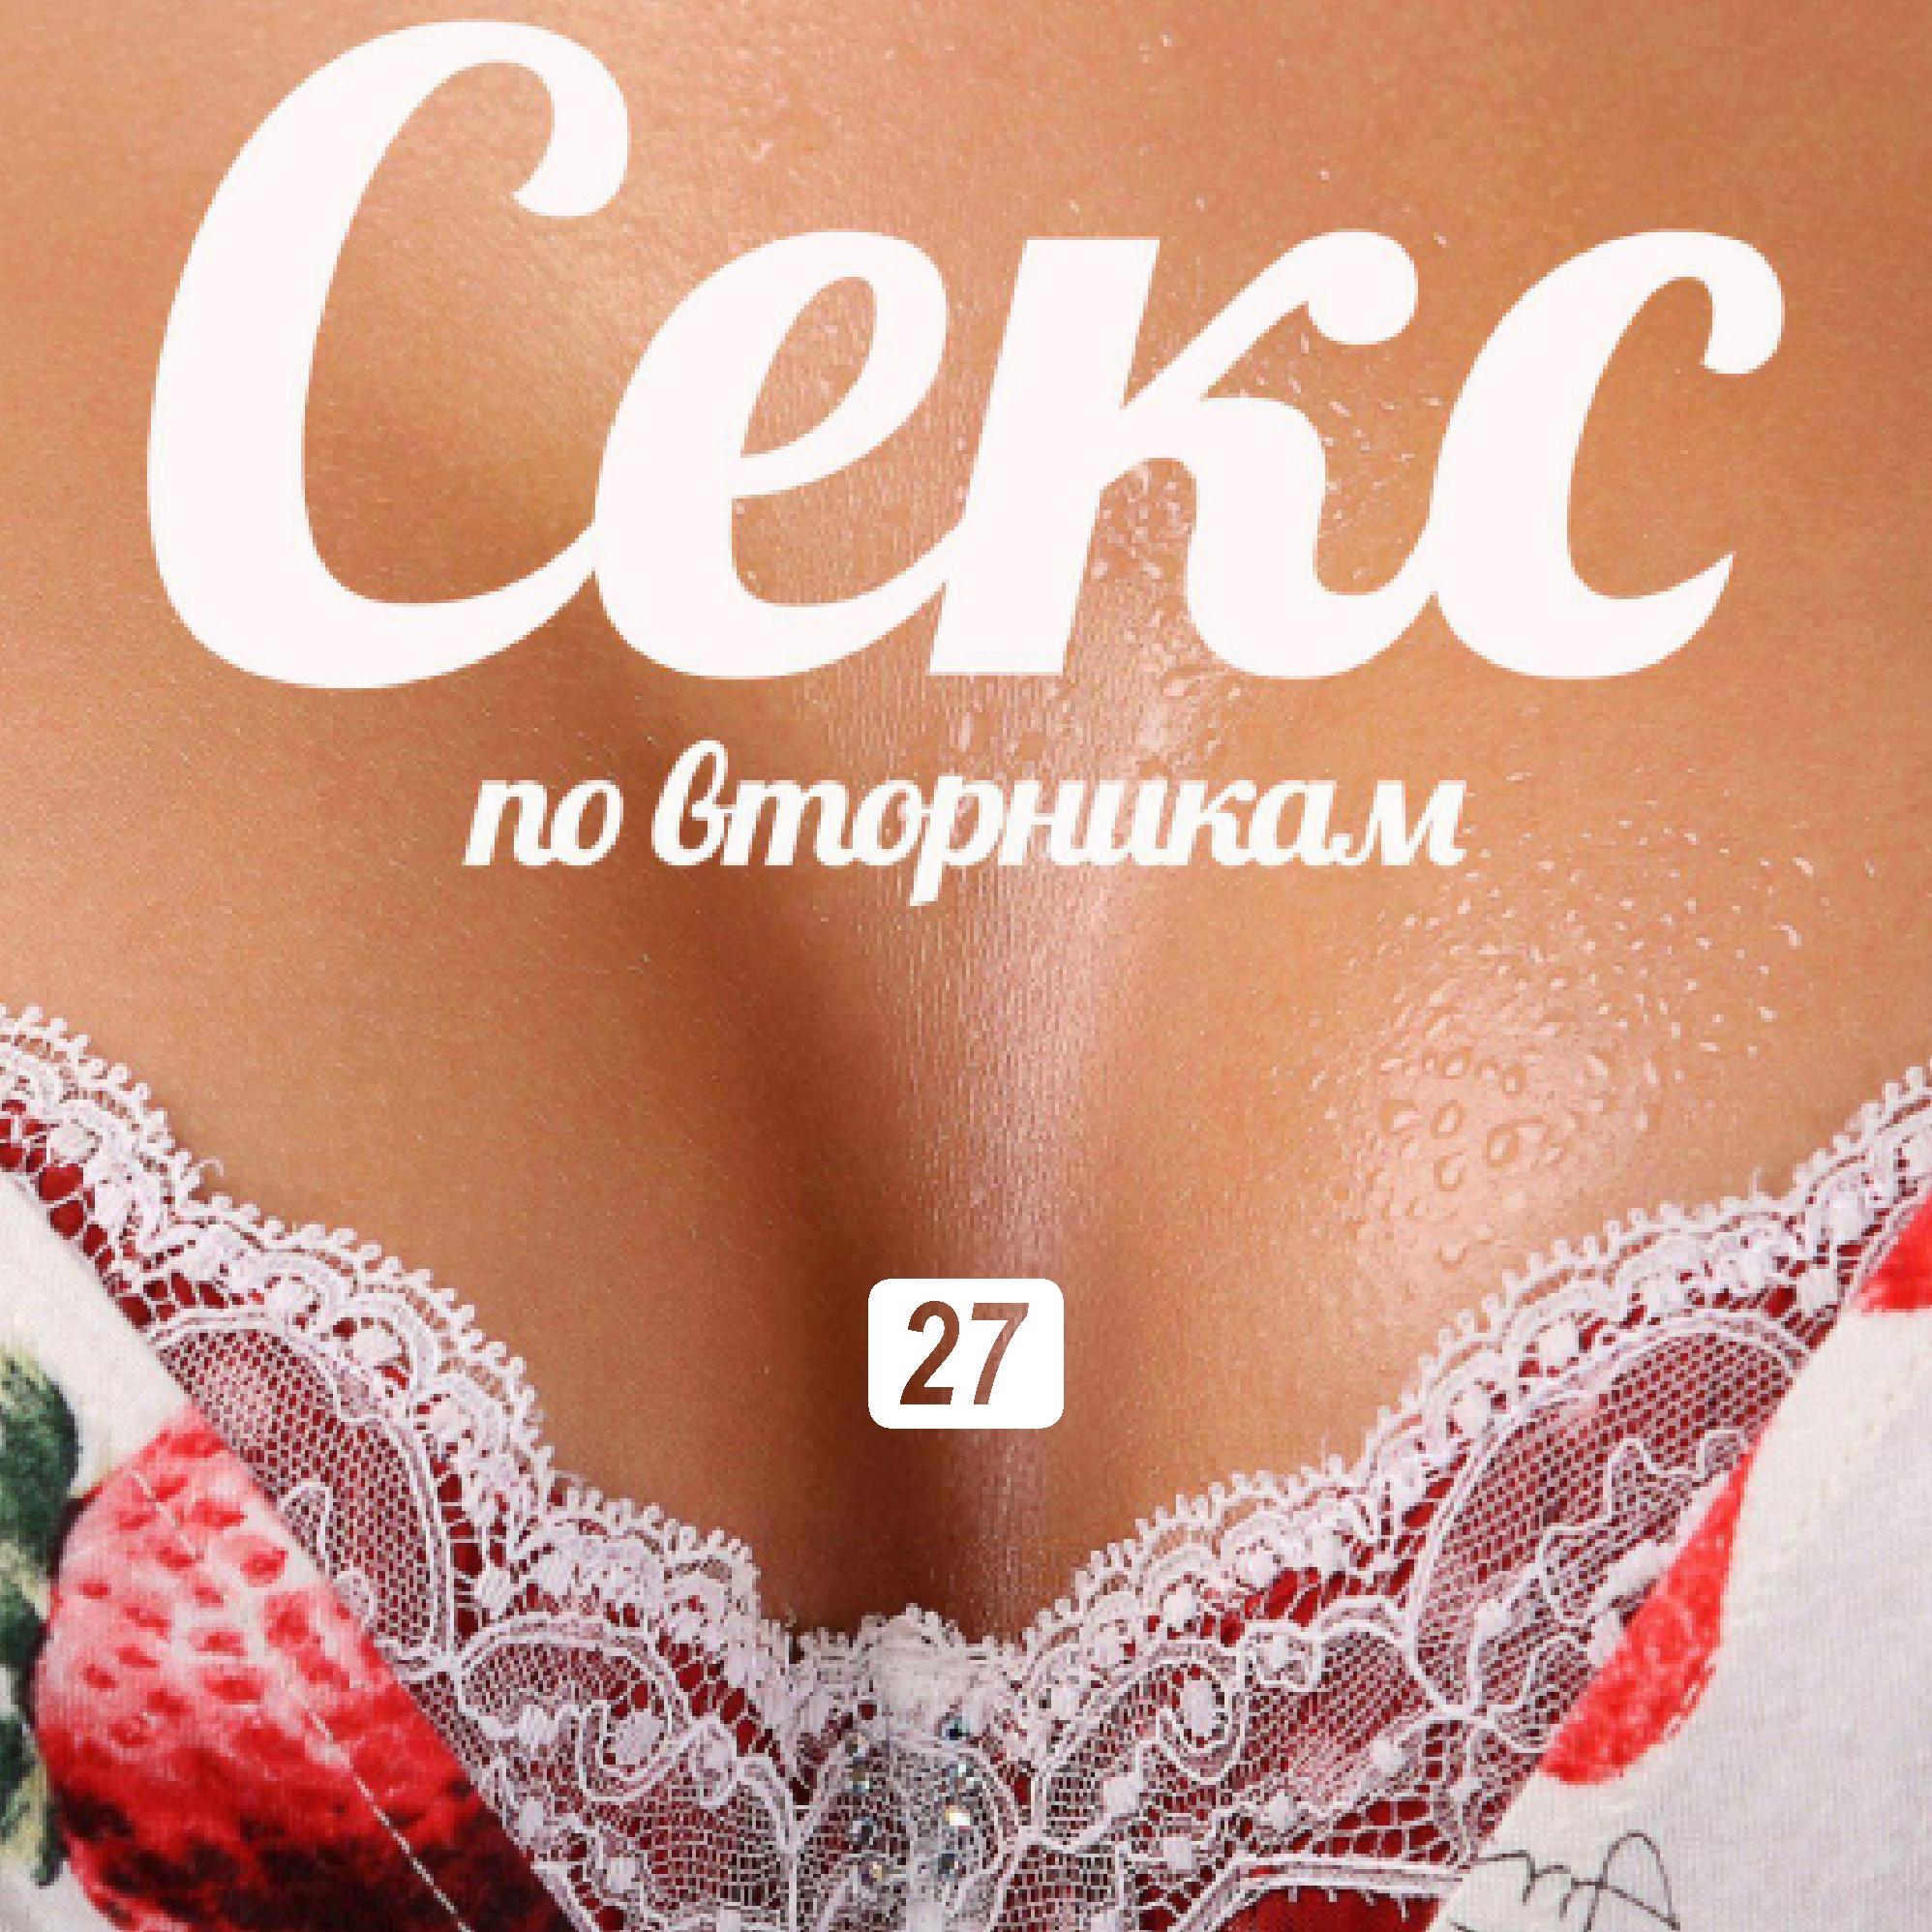 Ольга Маркина Секс влитературе секс по веб камере смотреть